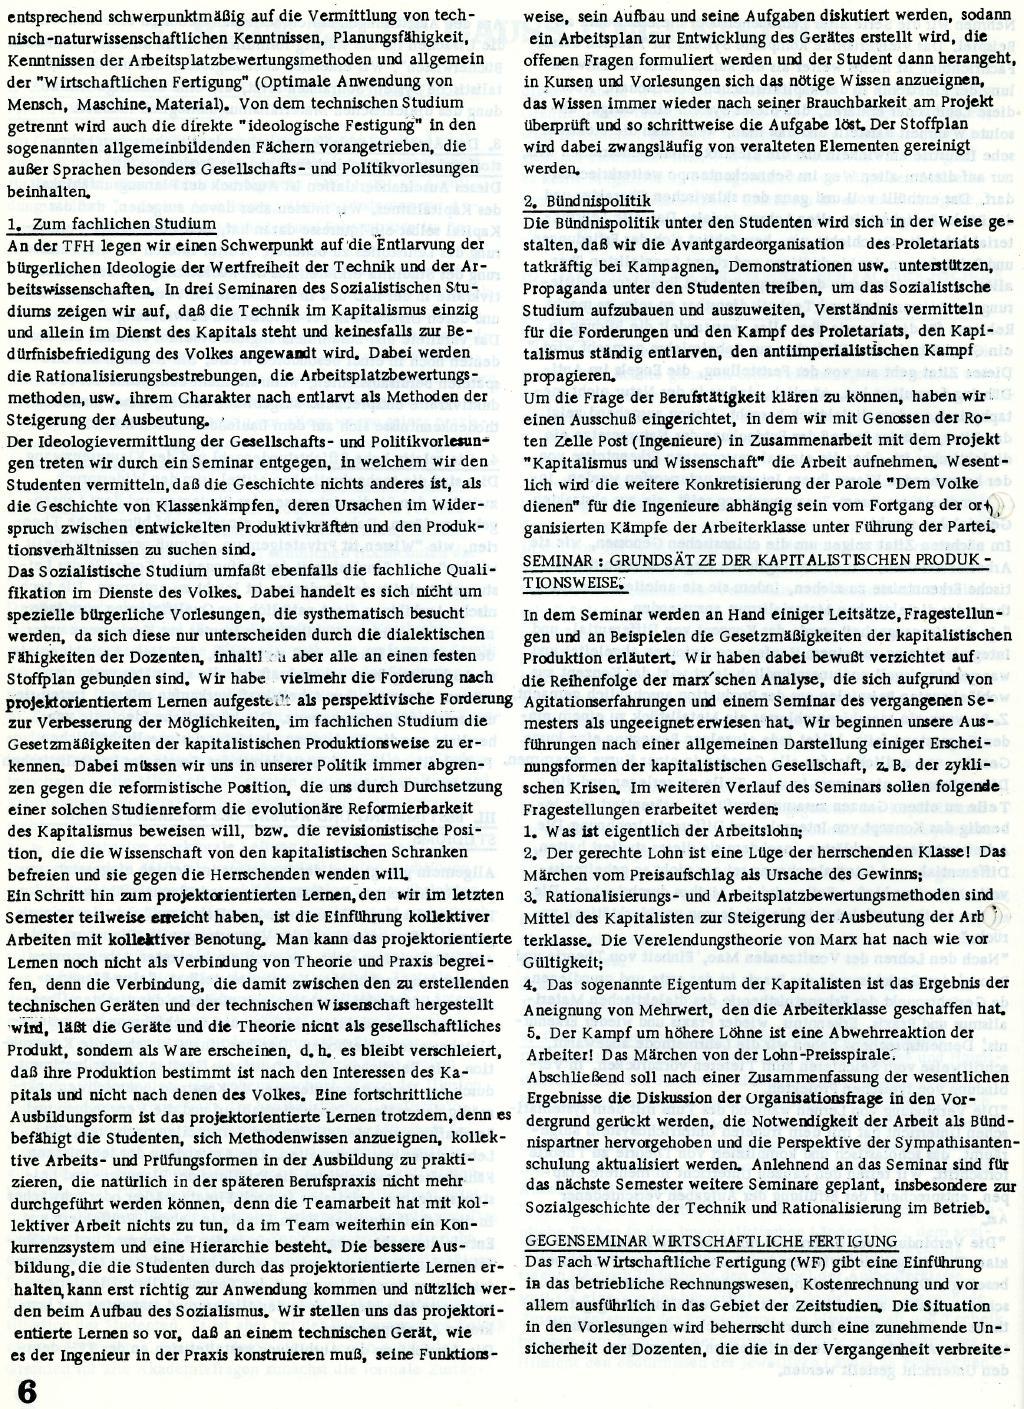 RPK_1971_113_114_06